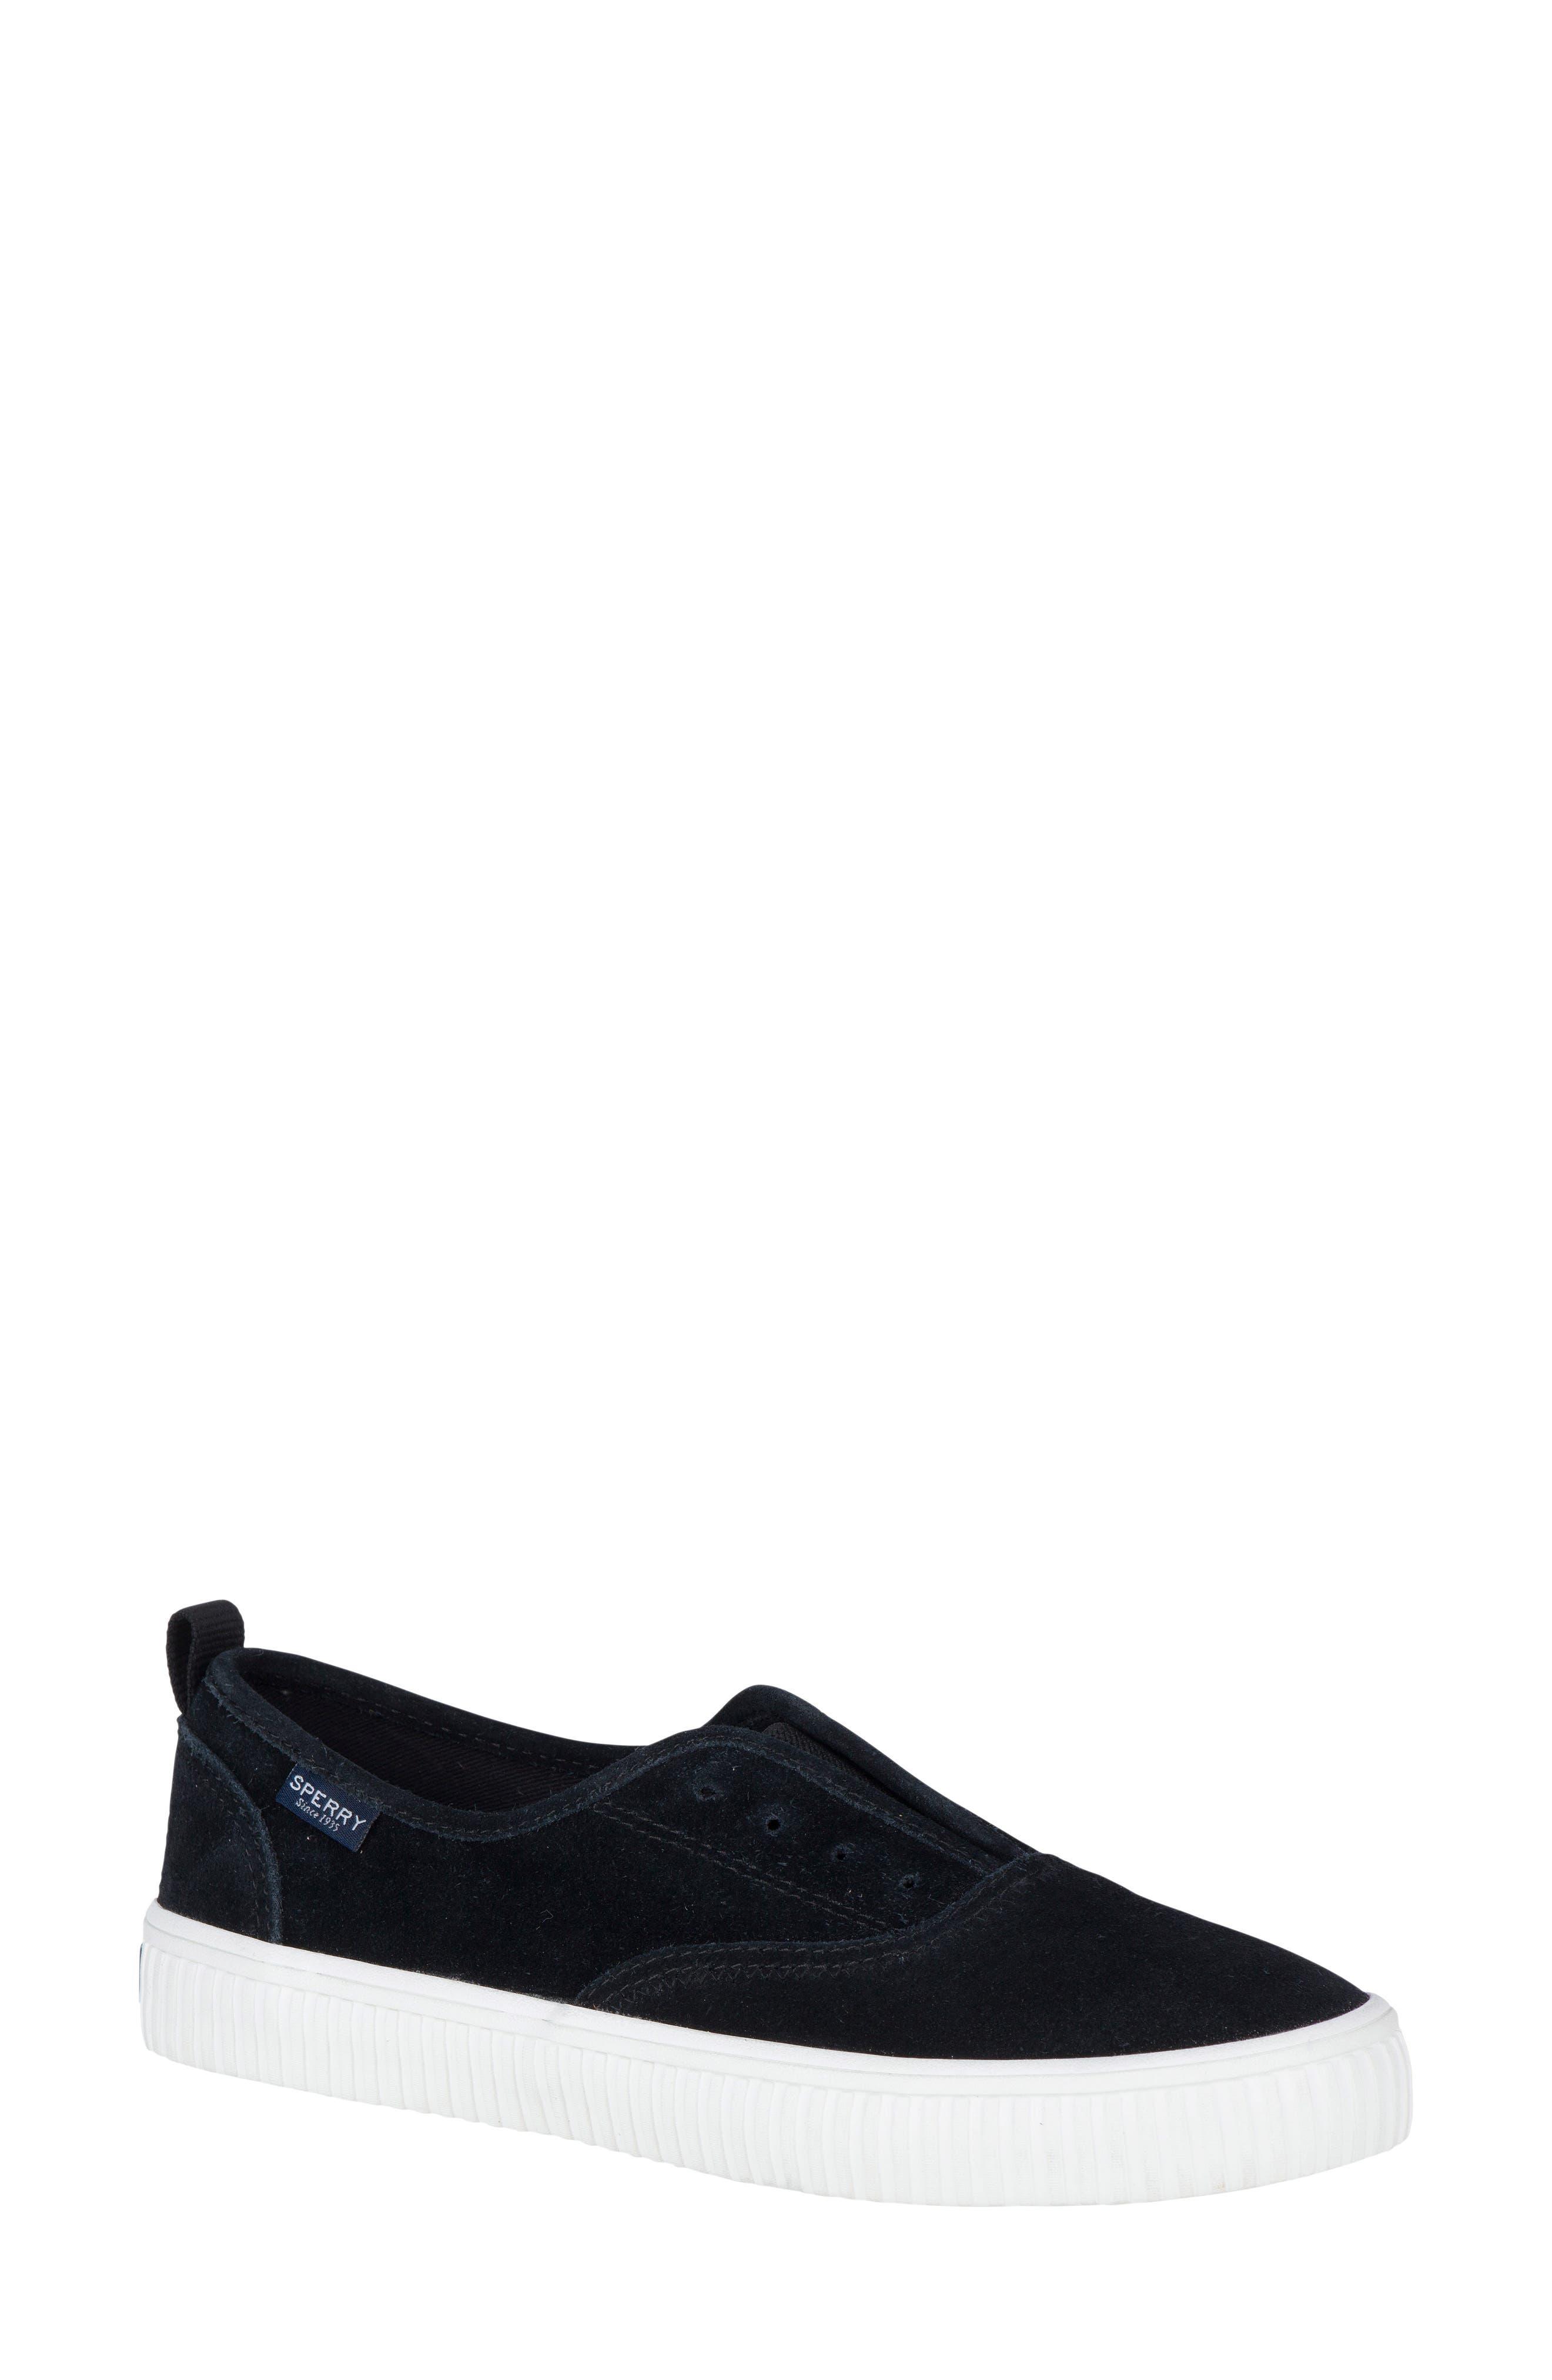 Alternate Image 1 Selected - Sperry Crest Creeper Slip-On Sneaker (Women)